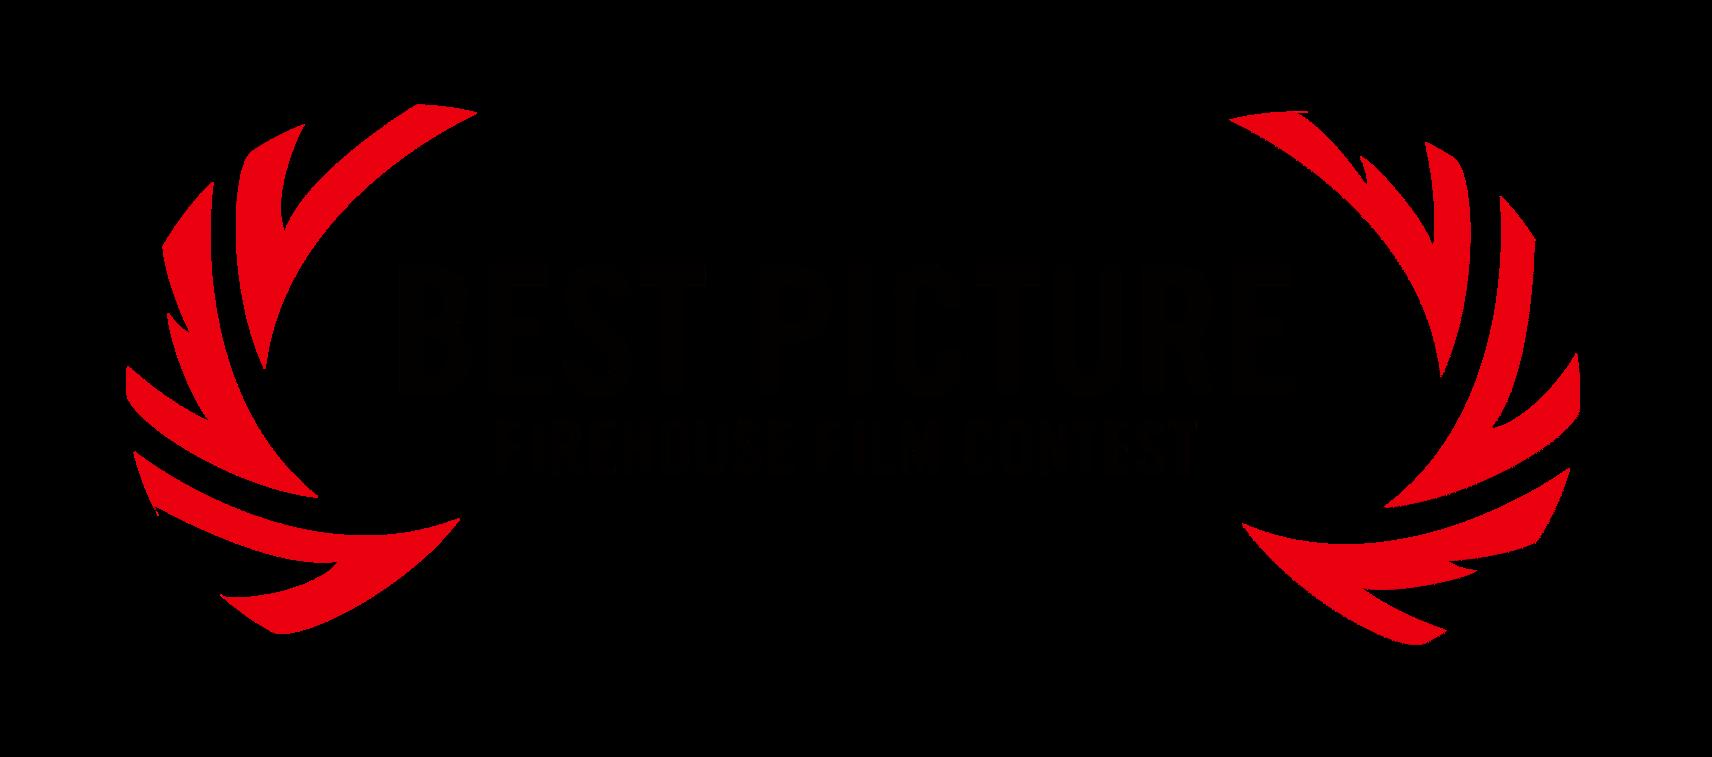 Firehouse Film Contest Nov 2018